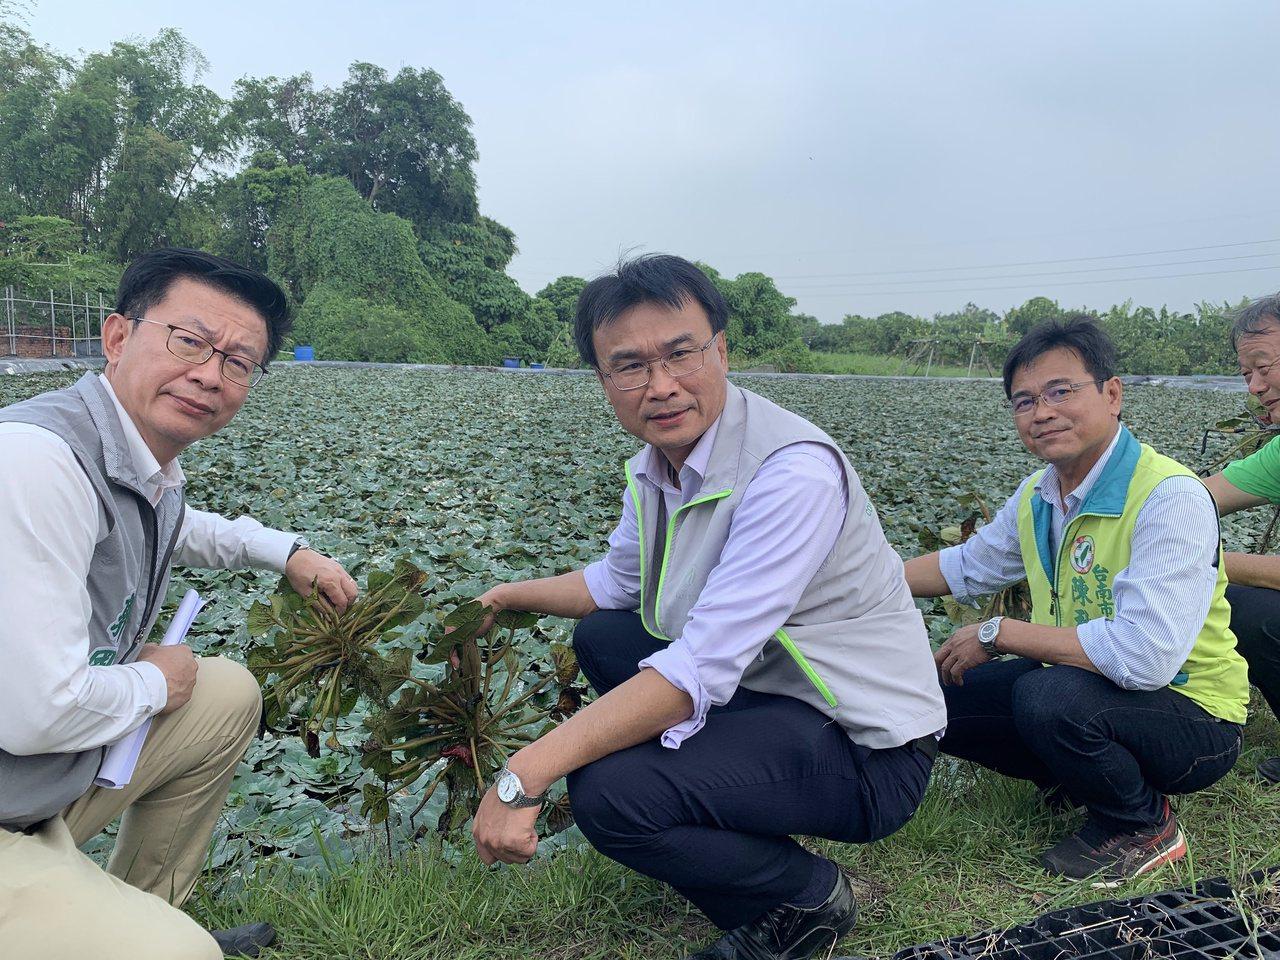 影╱農委會主委勘查台南菱角災損 每分地1000元資材補助